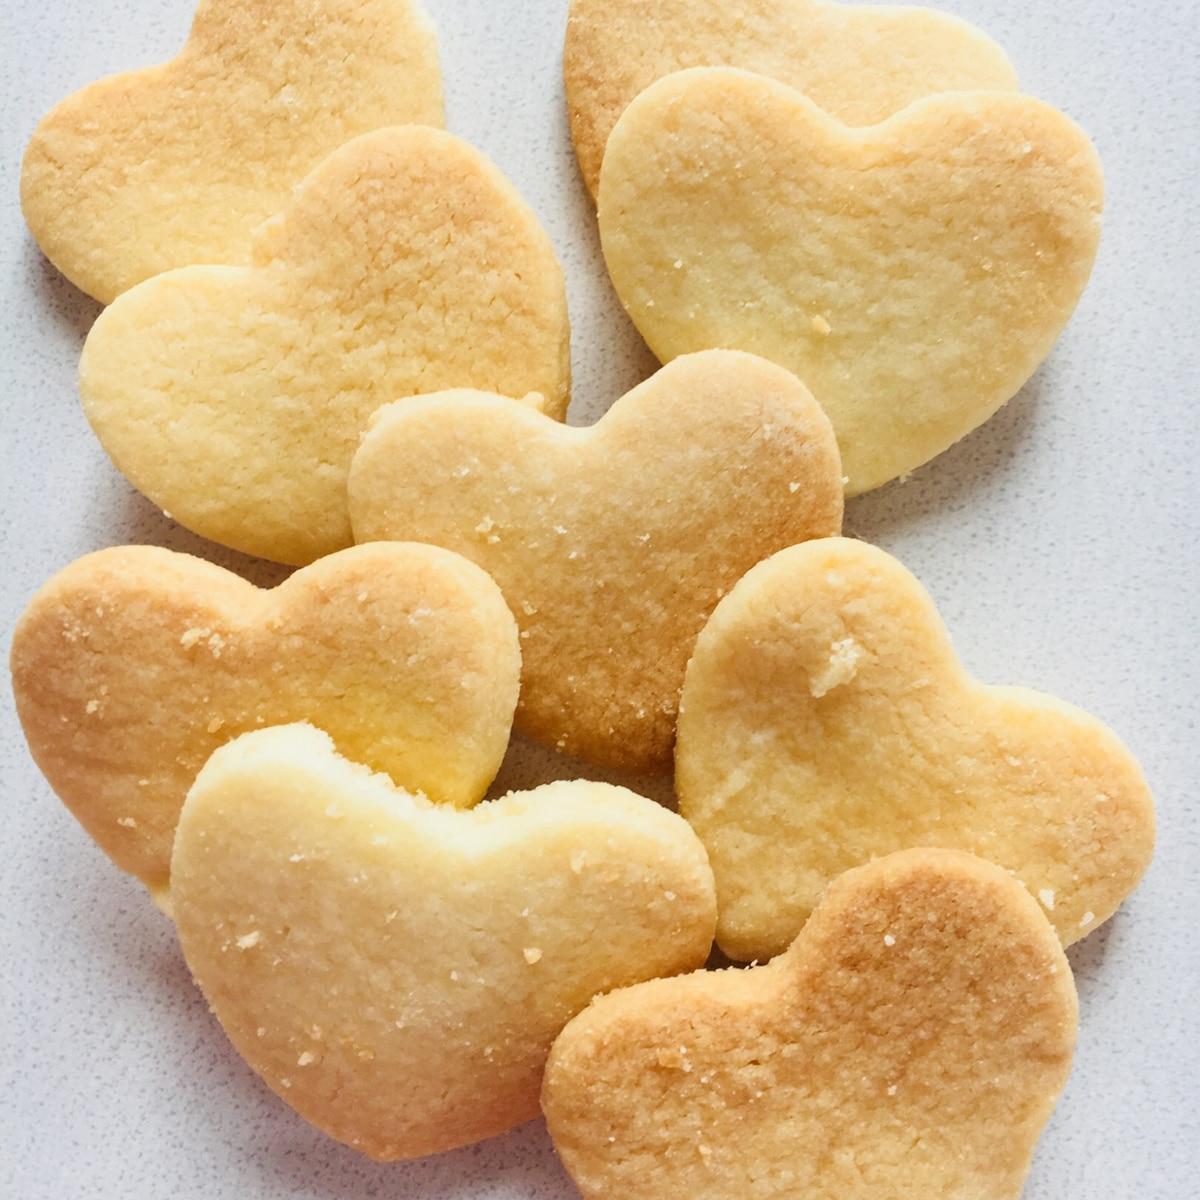 簡単 クッキー の 作り方 クッキーのレシピ・作り方 【簡単人気ランキング】|楽天レシピ